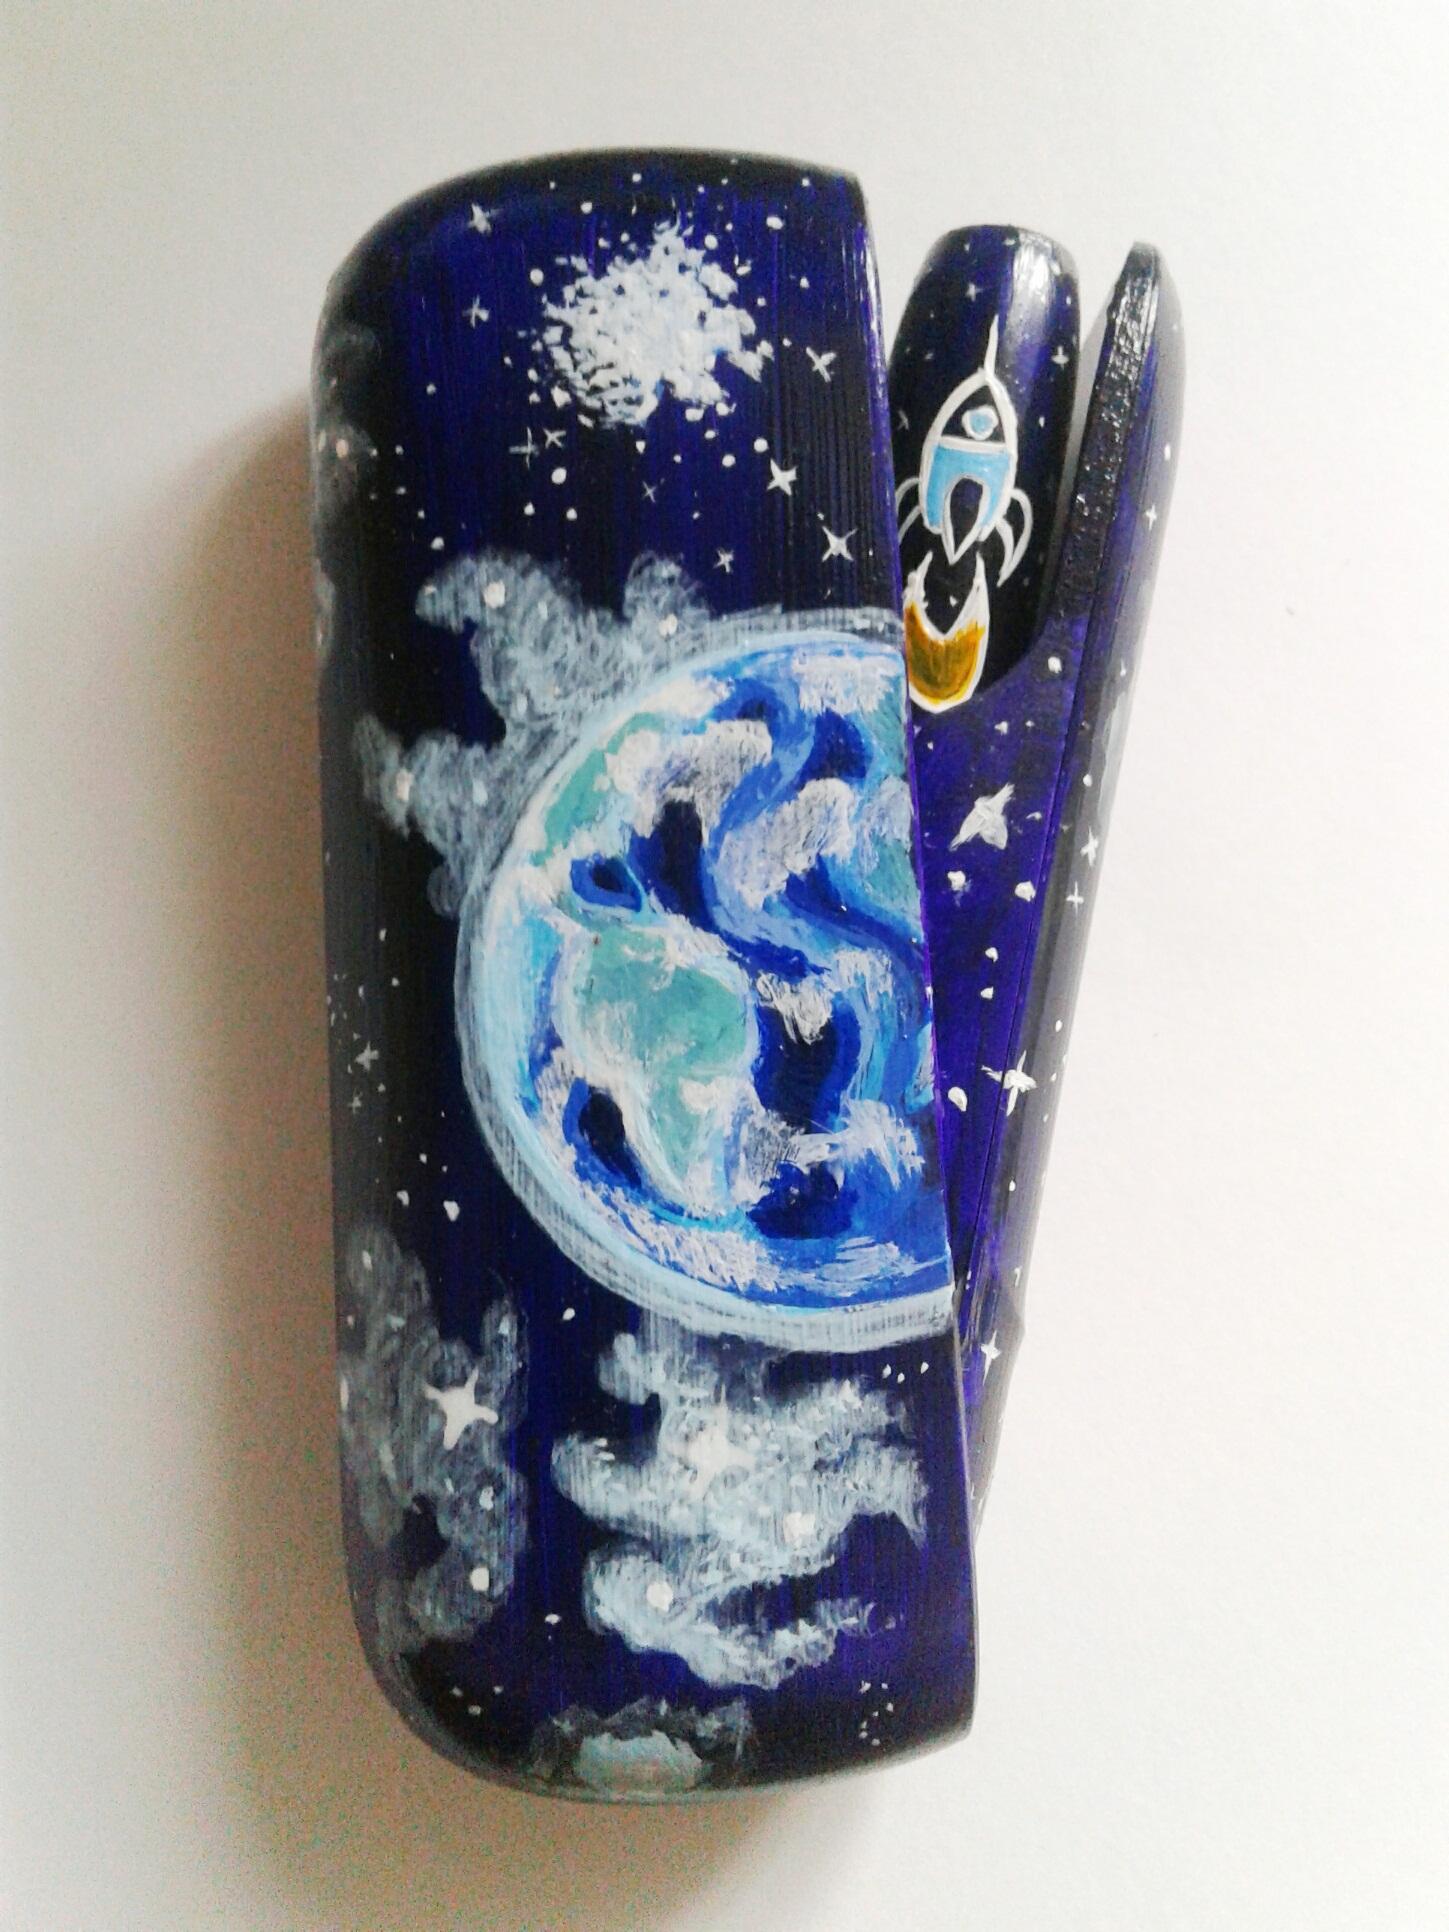 Фото Роспись электронной сигареты для именинника, работа выполнена акриловыми красками и вскрыта лаком. Получился эксклюзив.